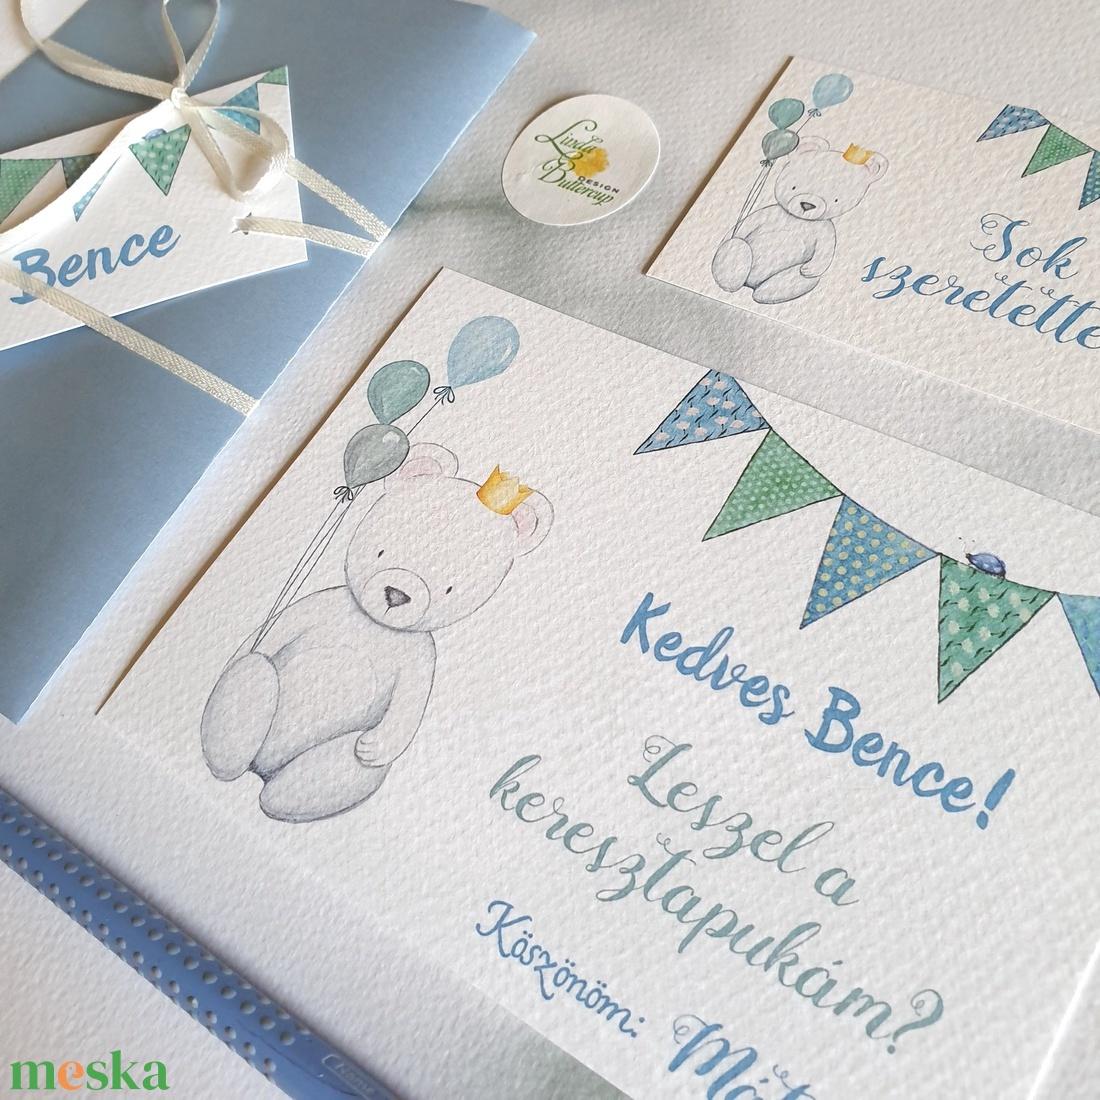 Kersztszülő felkérő, Maci, kisfiú, Keresztapa felkérő lap, Keresztelő meghívó, baba lap, képeslap, keresztszülő - otthon & lakás - papír írószer - képeslap & levélpapír - Meska.hu